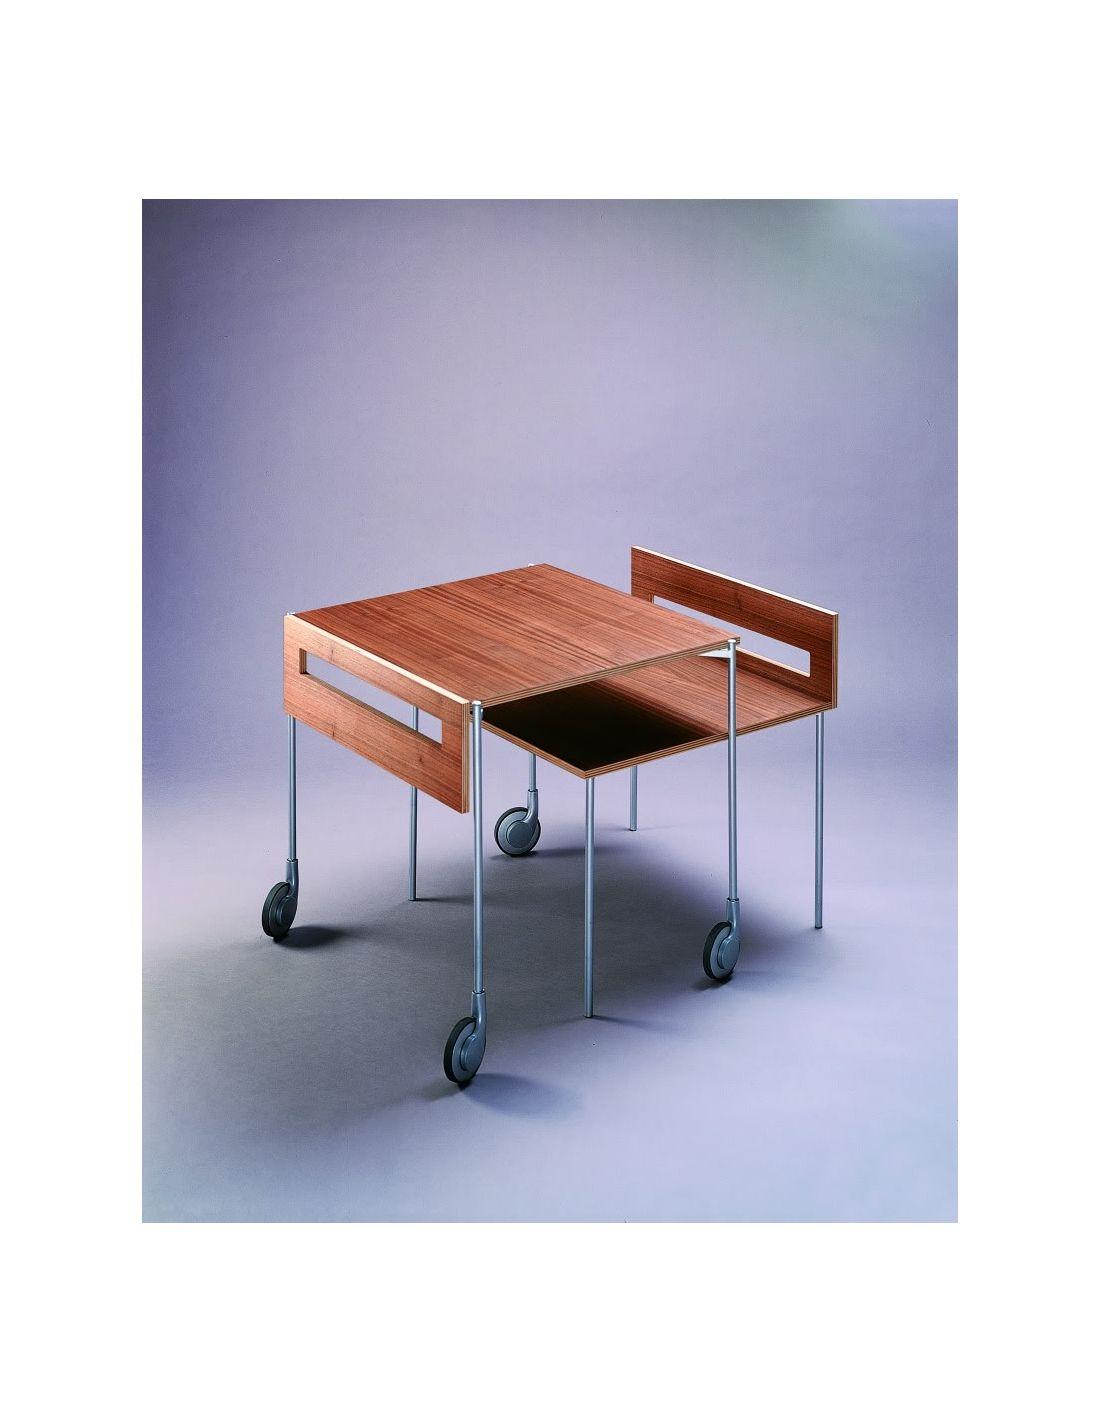 tavolino soggiorno design : Home > Giorno > Tavolini > Tavolino da ...